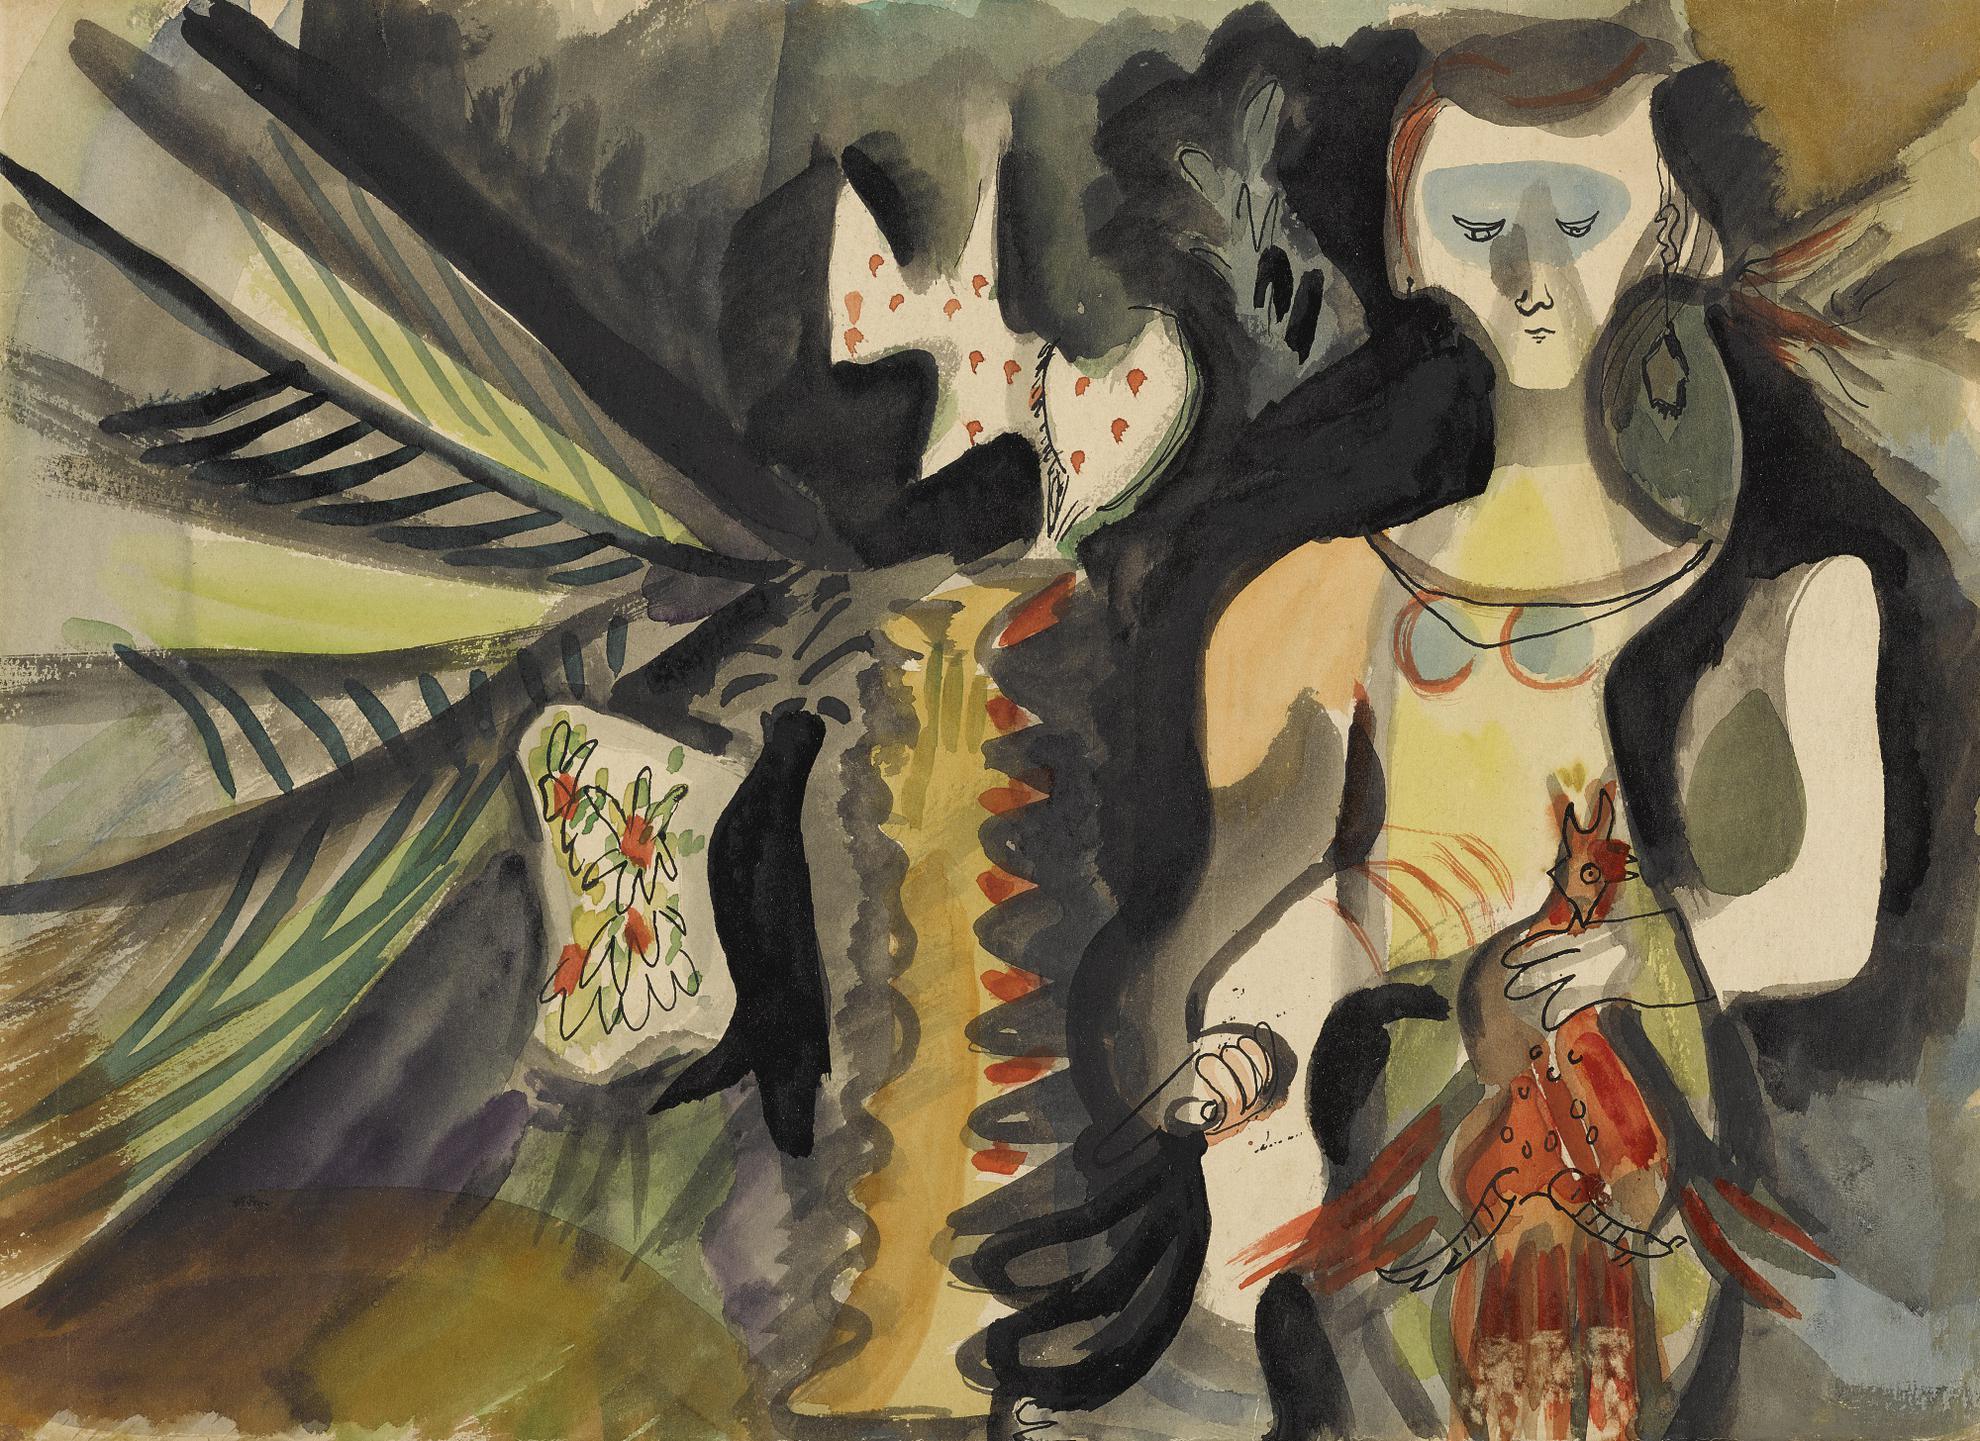 Mariano Rodriguez-Mujer Degollando Un Gallo-1949